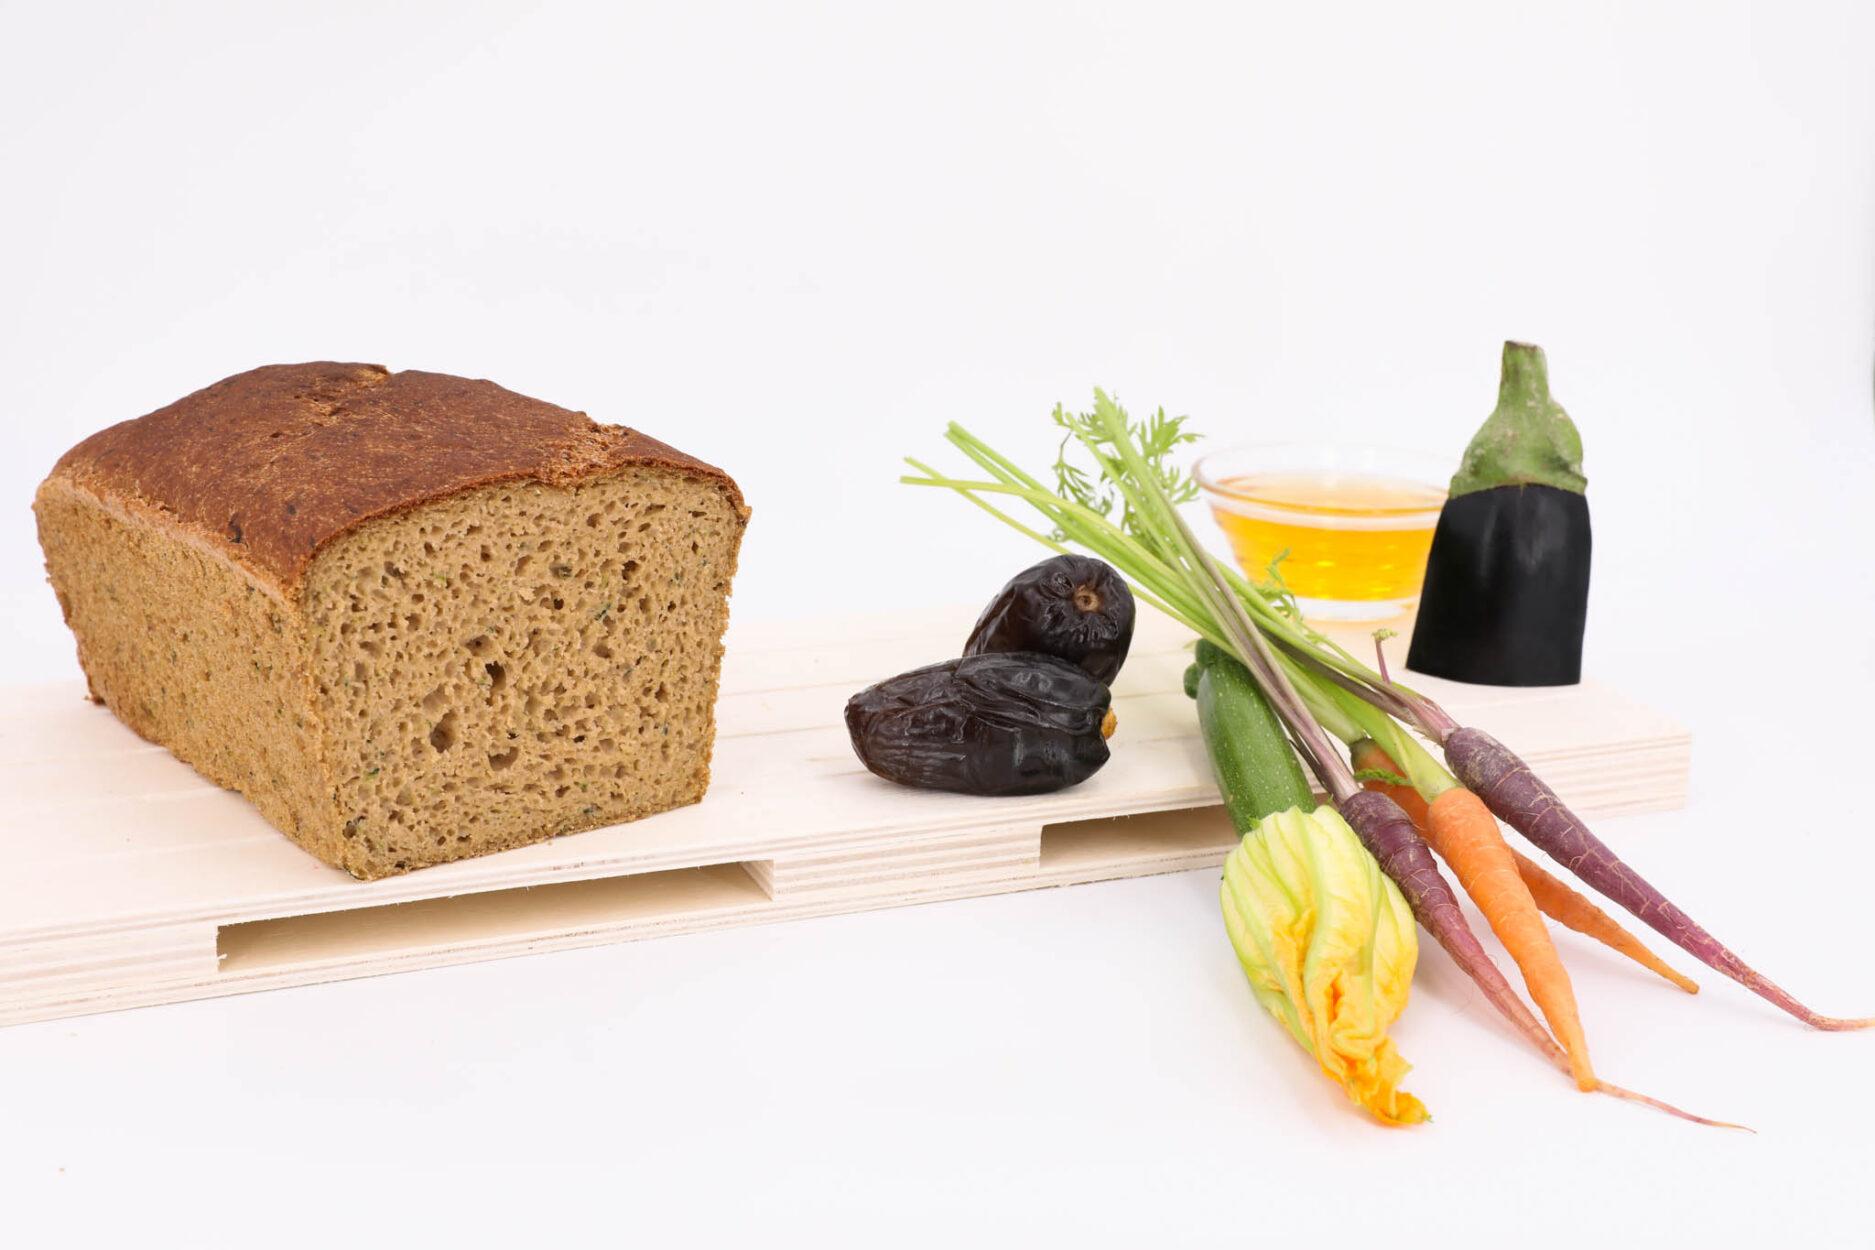 gastronomica-alimentos-nicoletalupuagency (7 of 84)